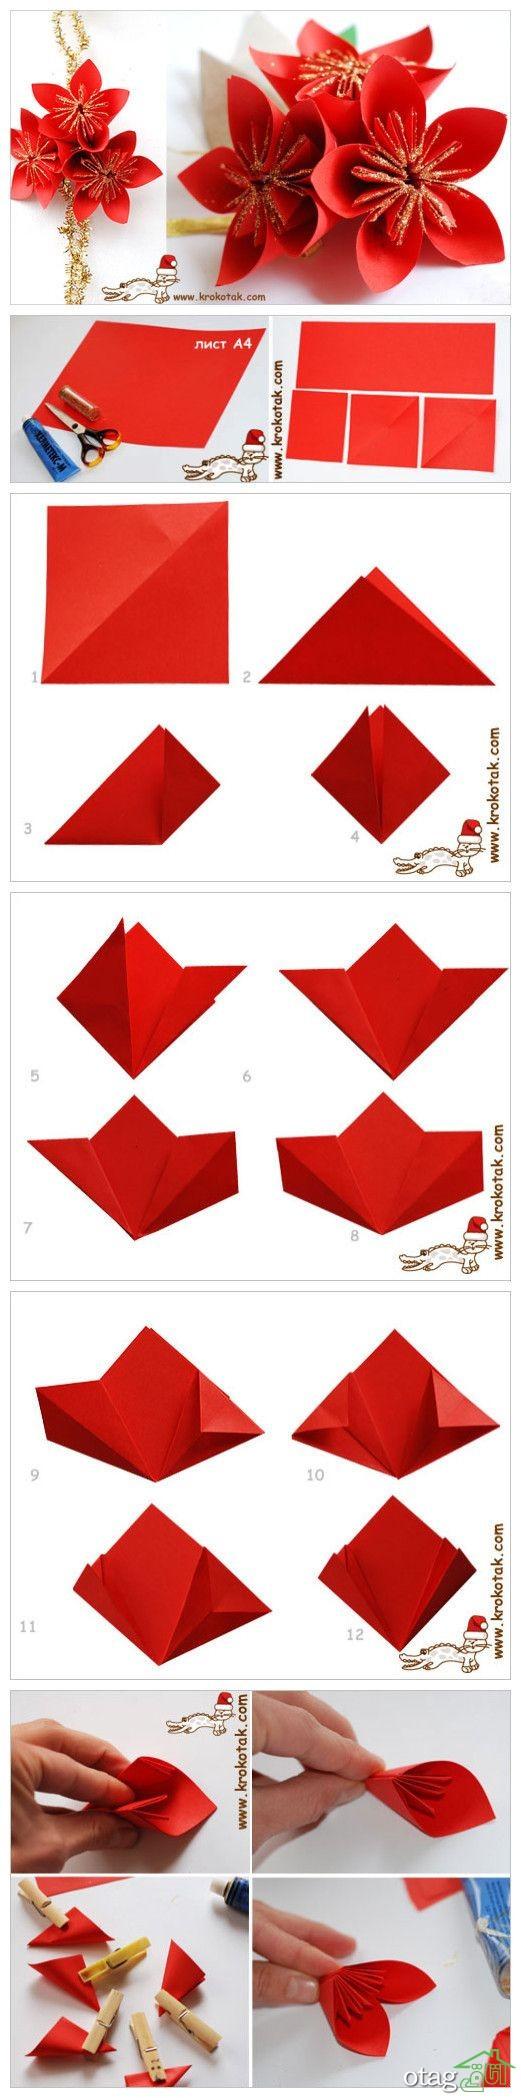 آموزش ساخت گل کاغذی (10)